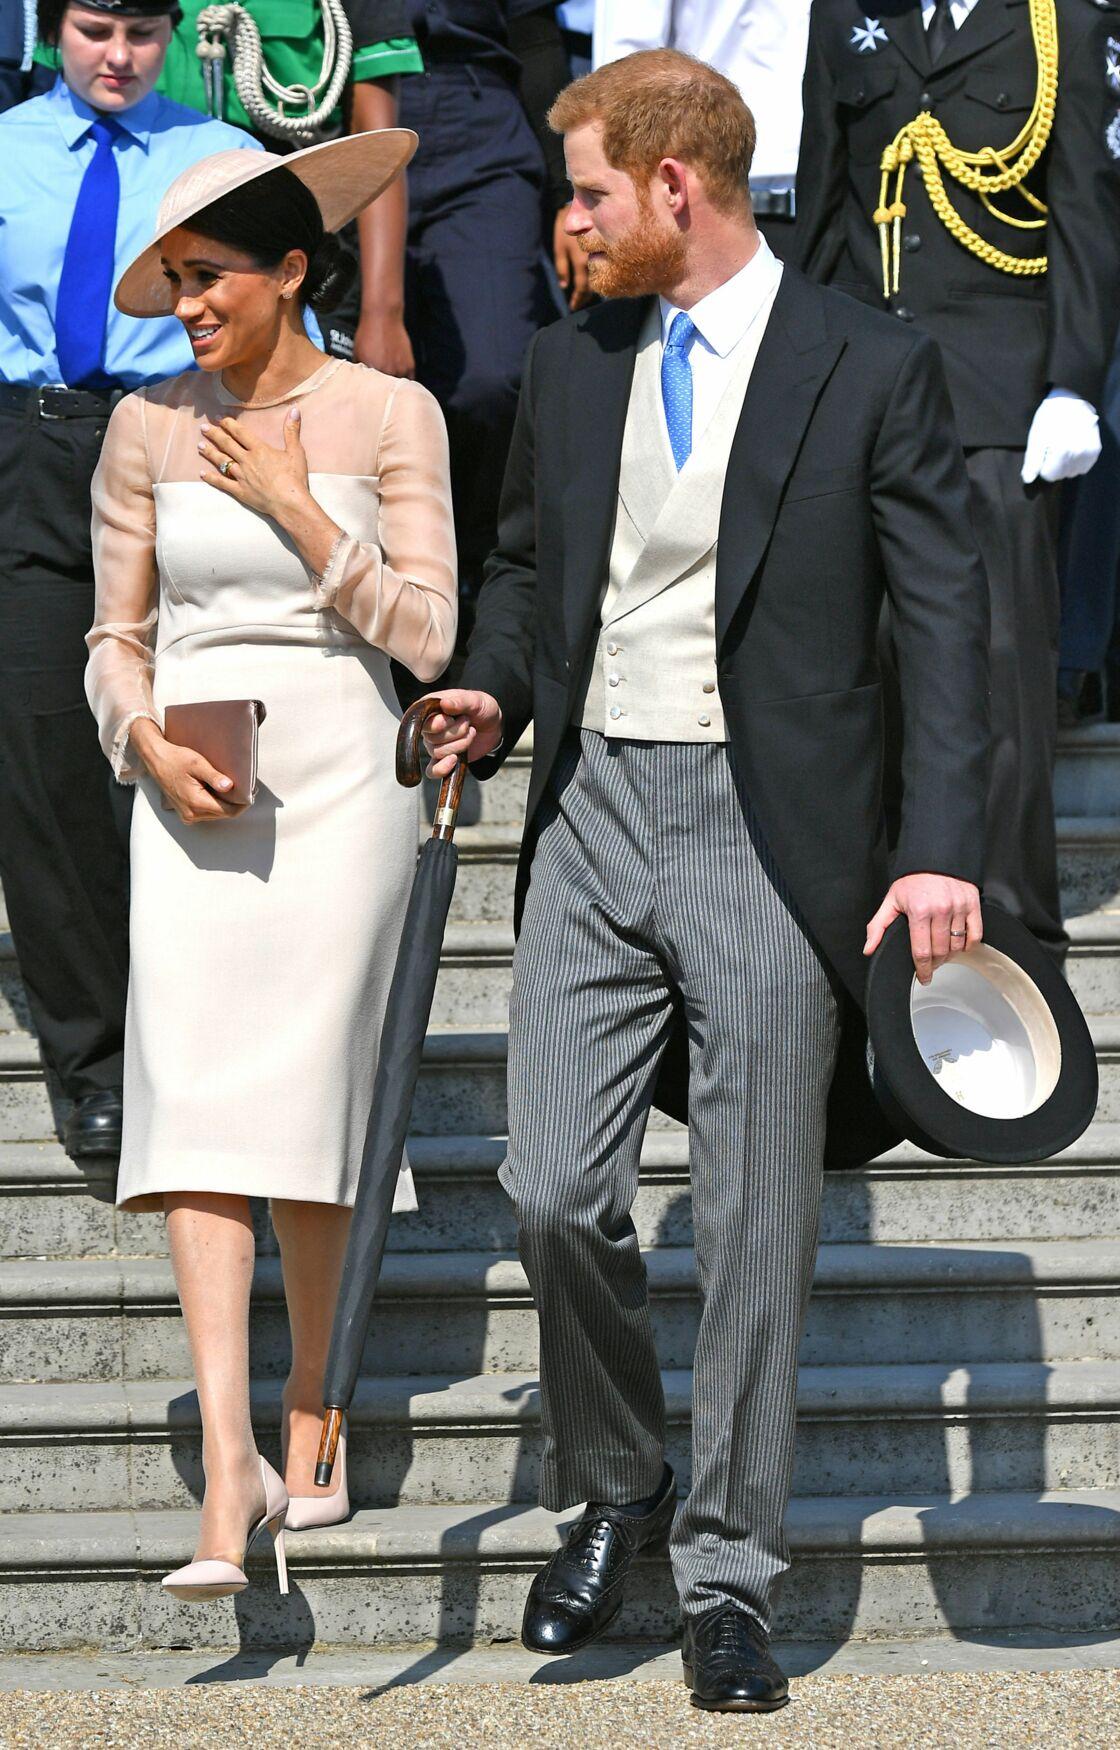 Le prince Harry, duc de Sussex, et Meghan Markle, duchesse de Sussex, lors de la garden party pour les 70 ans du prince Charles au palais de Buckingham à Londres, le 22 mai 2018